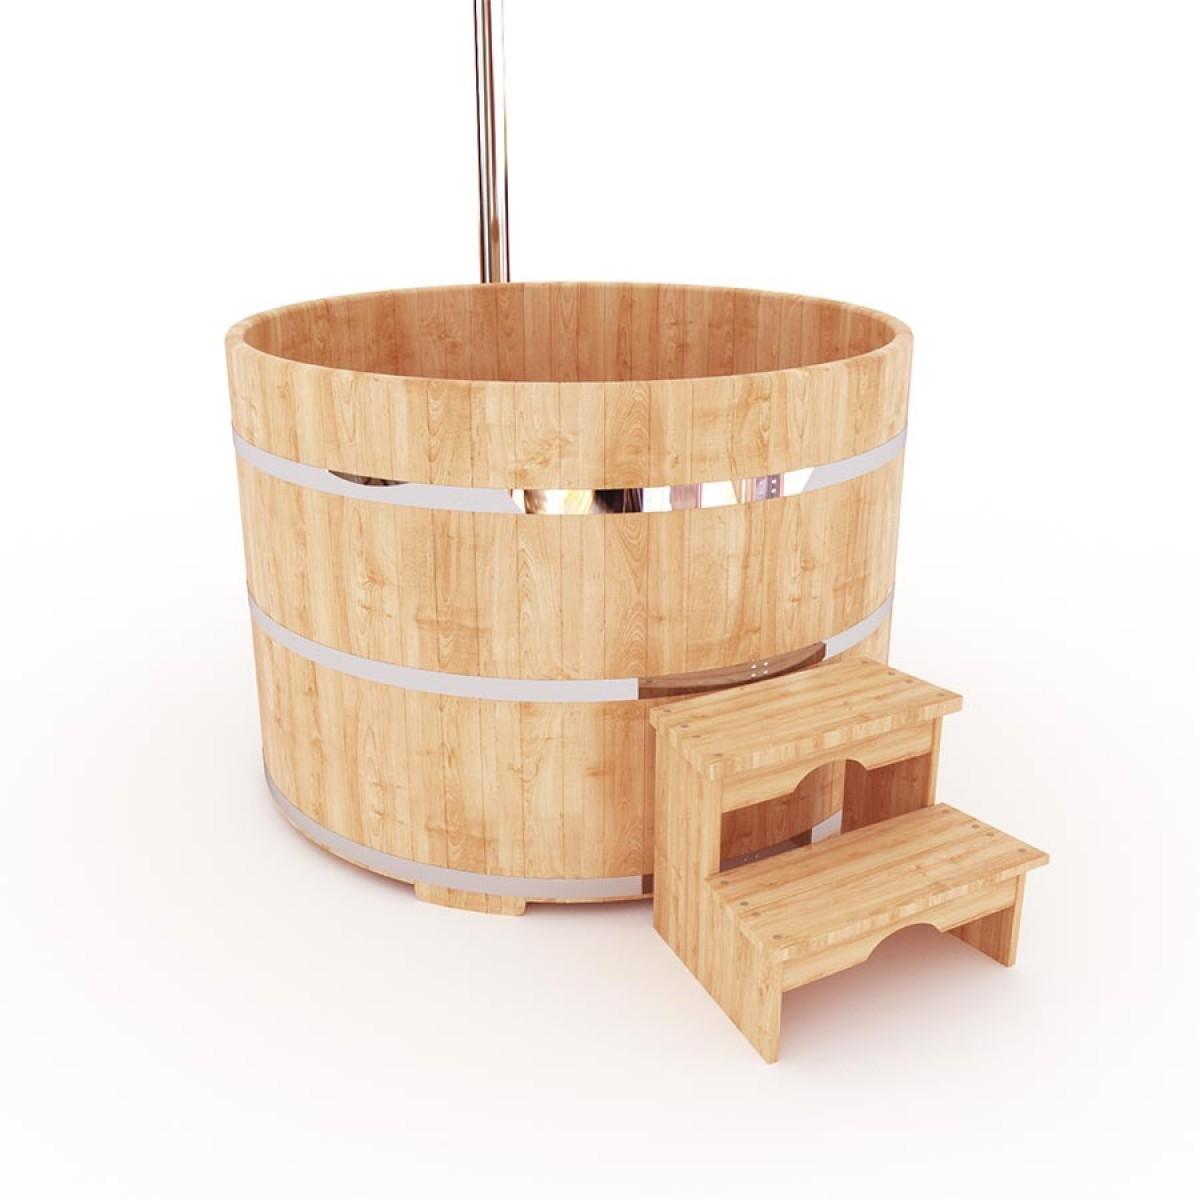 Японская баня офуро: вековые традиции восточной бани